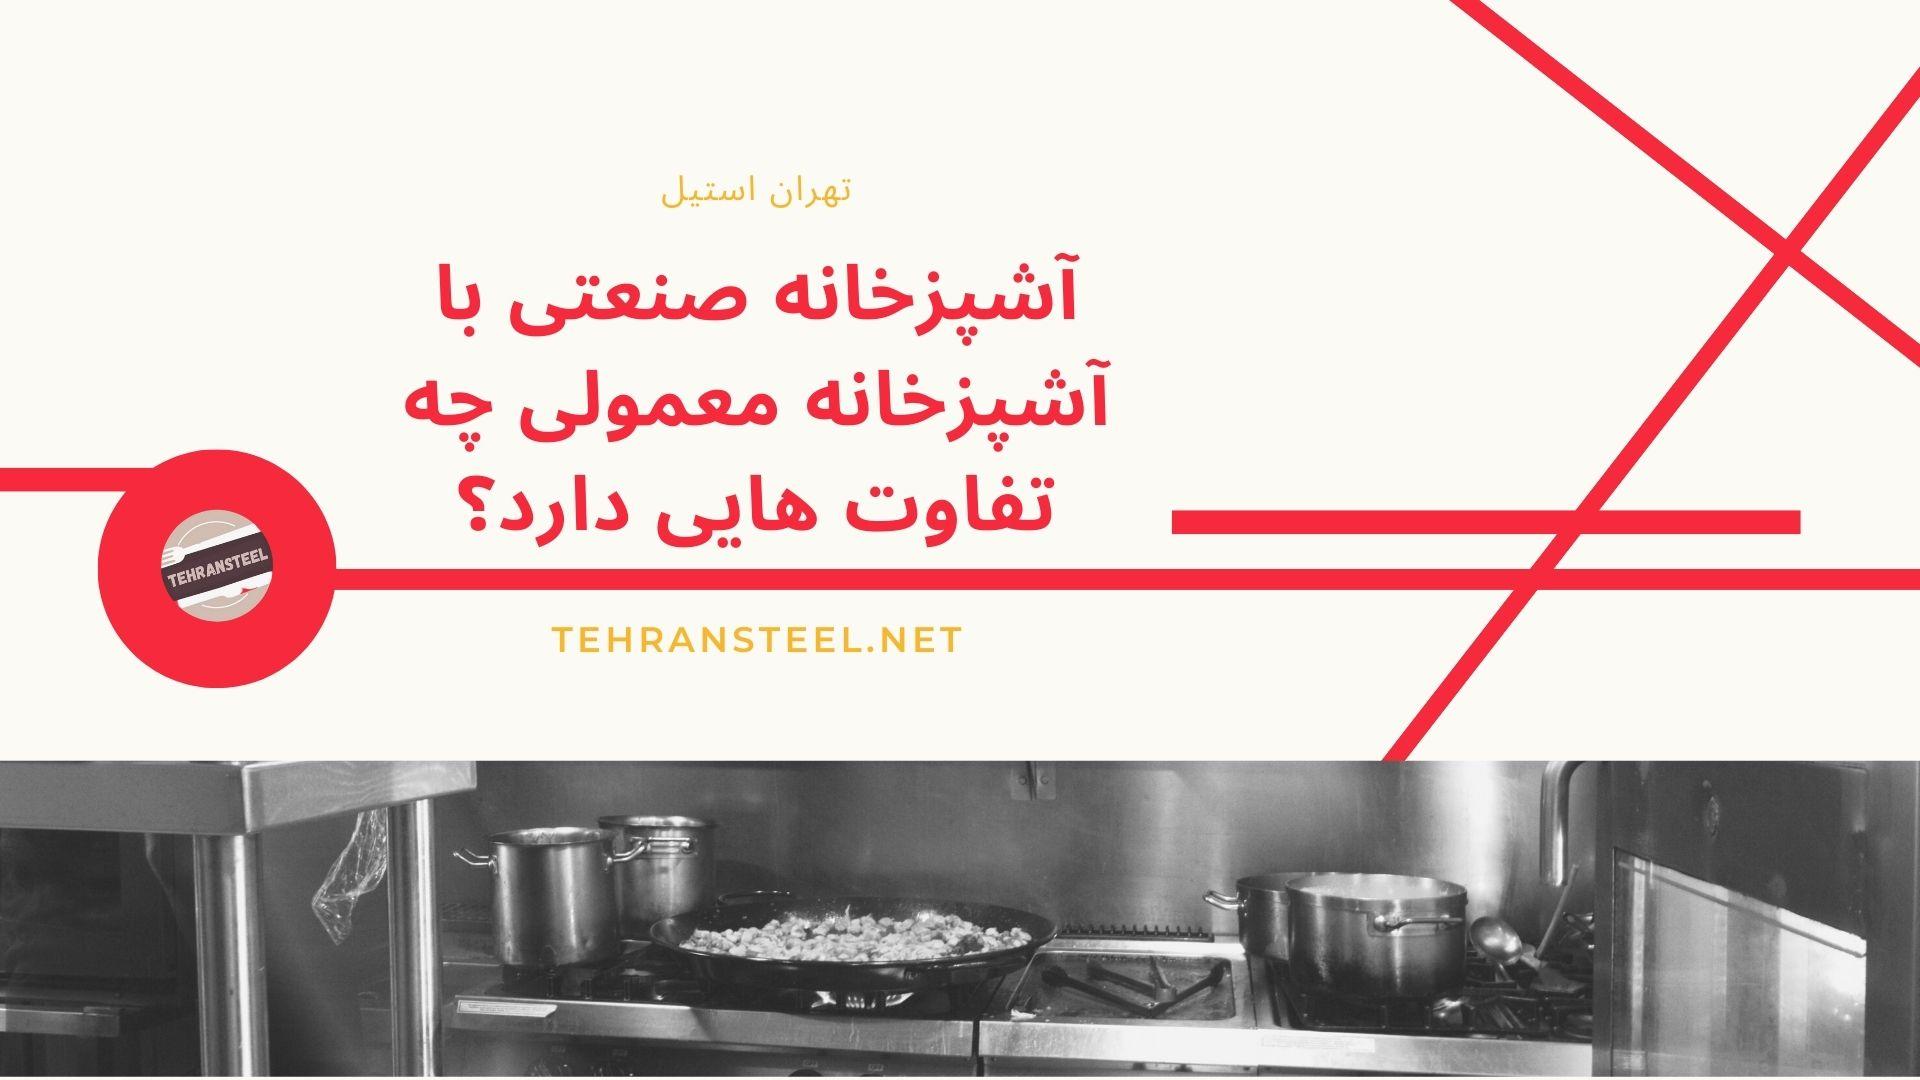 آشپزخانه صنعتی با آشپزخانه معمولی چه تفاوت هایی دارد؟